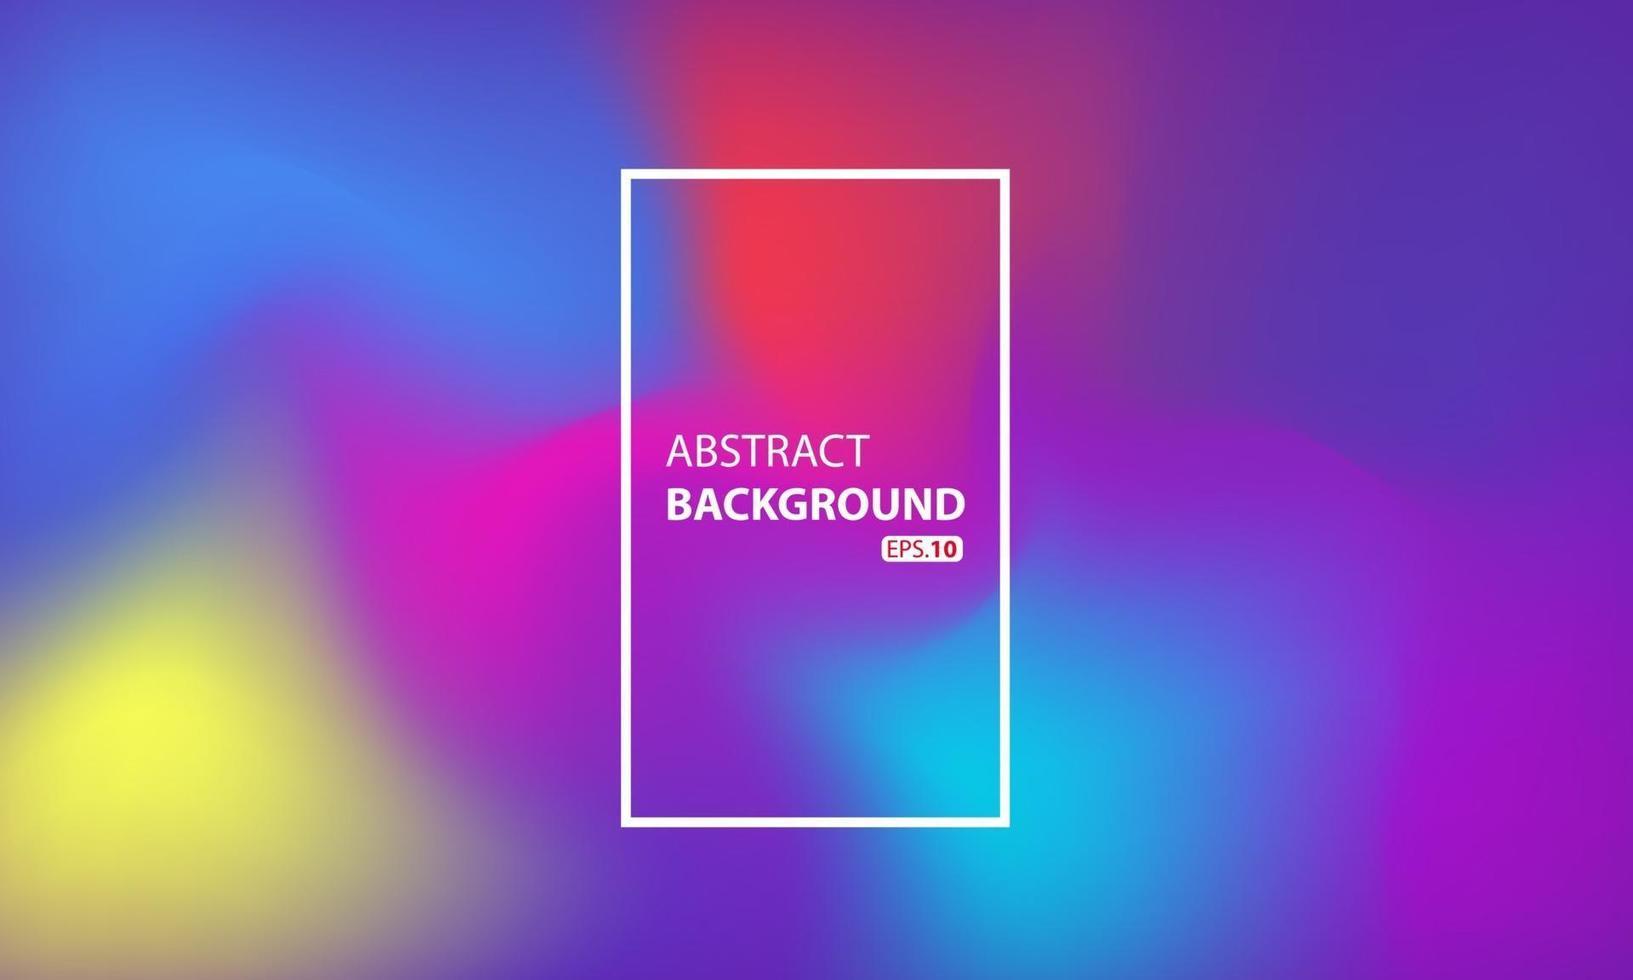 abstrakter flüssiger Hintergrund für Ihr Landingpage-Design. Hintergrund für Website-Designs. moderne Vorlage für Plakat oder Banner. vektor